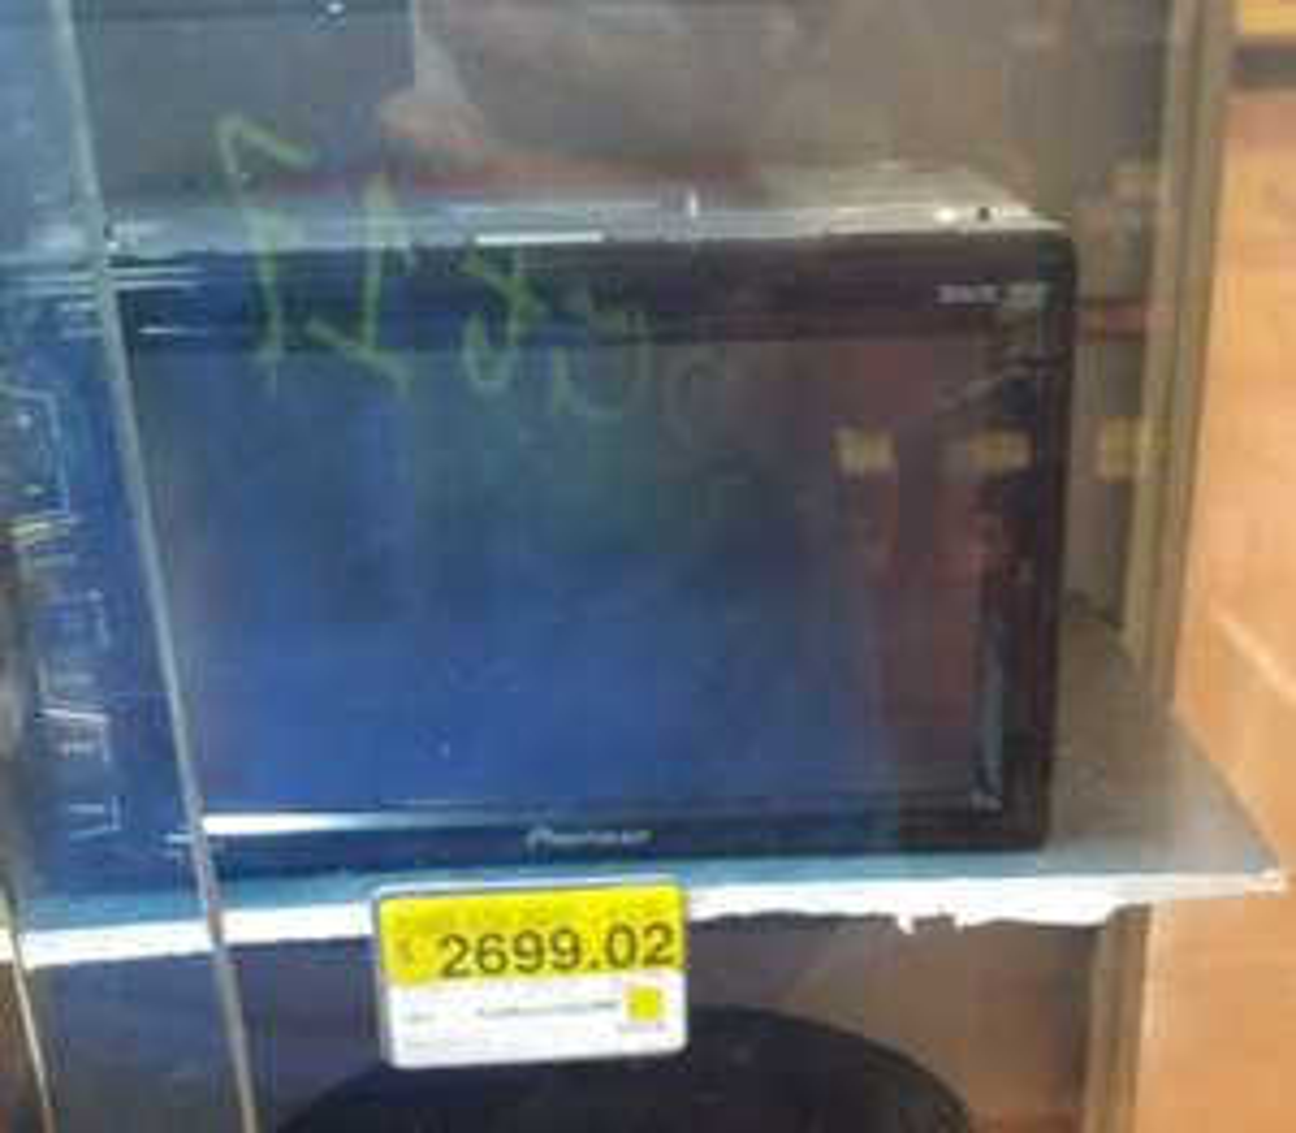 Walmart Jiutepec: Pioneer AVH-175DVD segunda liquidación a $2,699.02